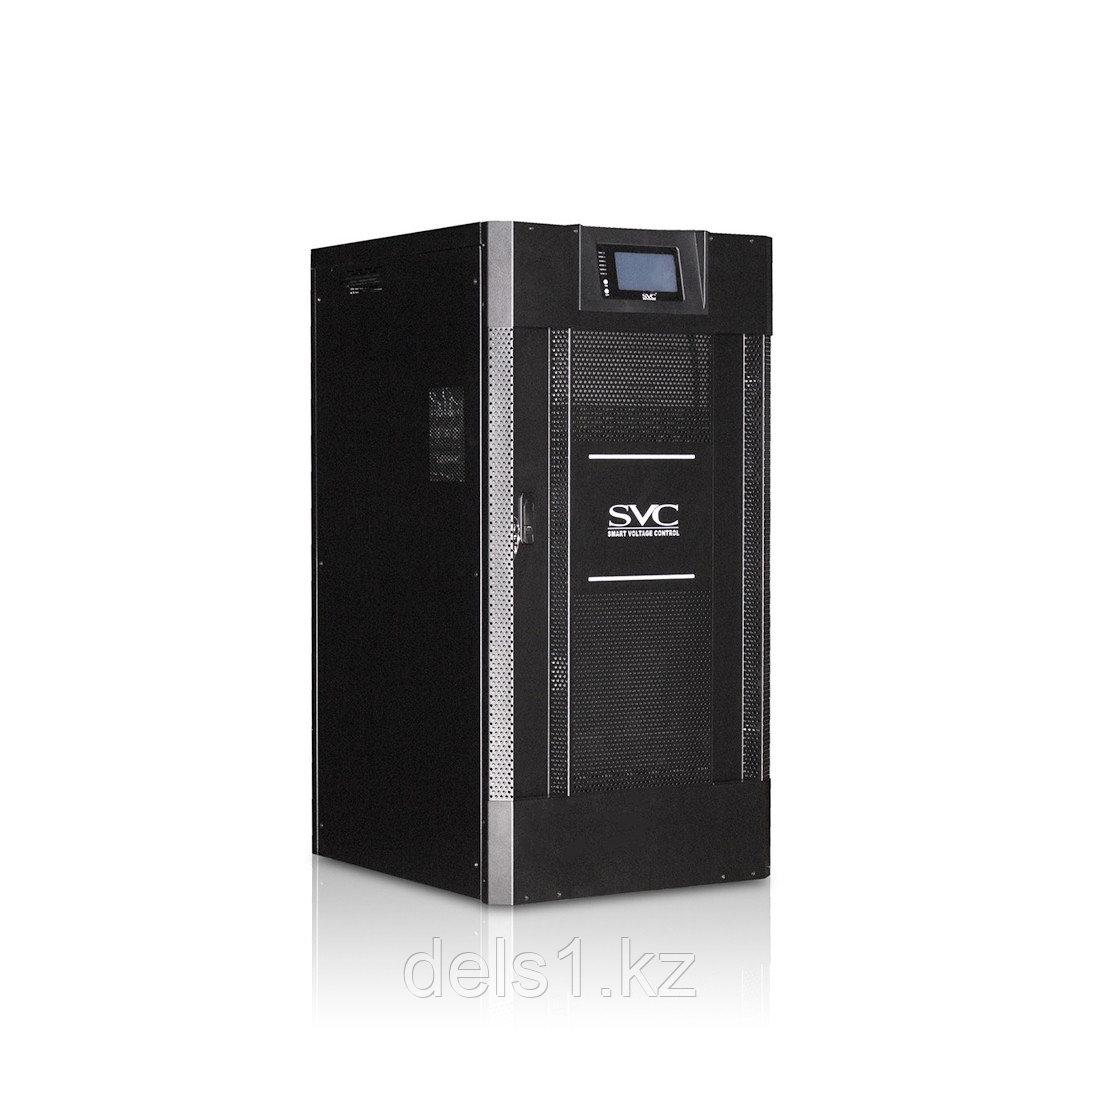 Трехфазный ИБП (UPS) SVC GP33-40KVA